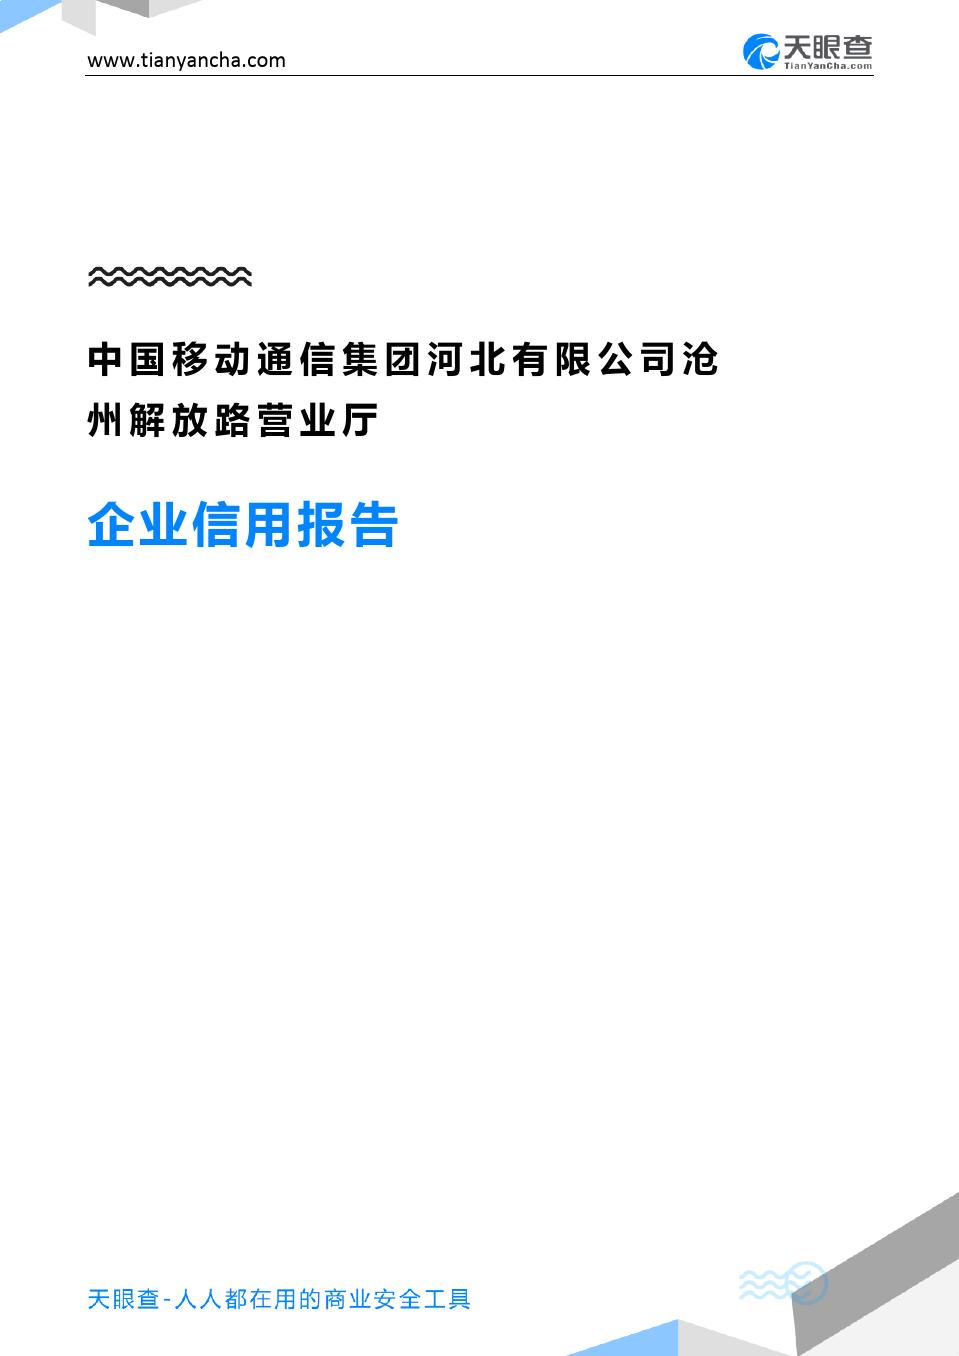 中国移动通信集团河北有限公司沧州解放路营业厅企业信用报告-天眼查